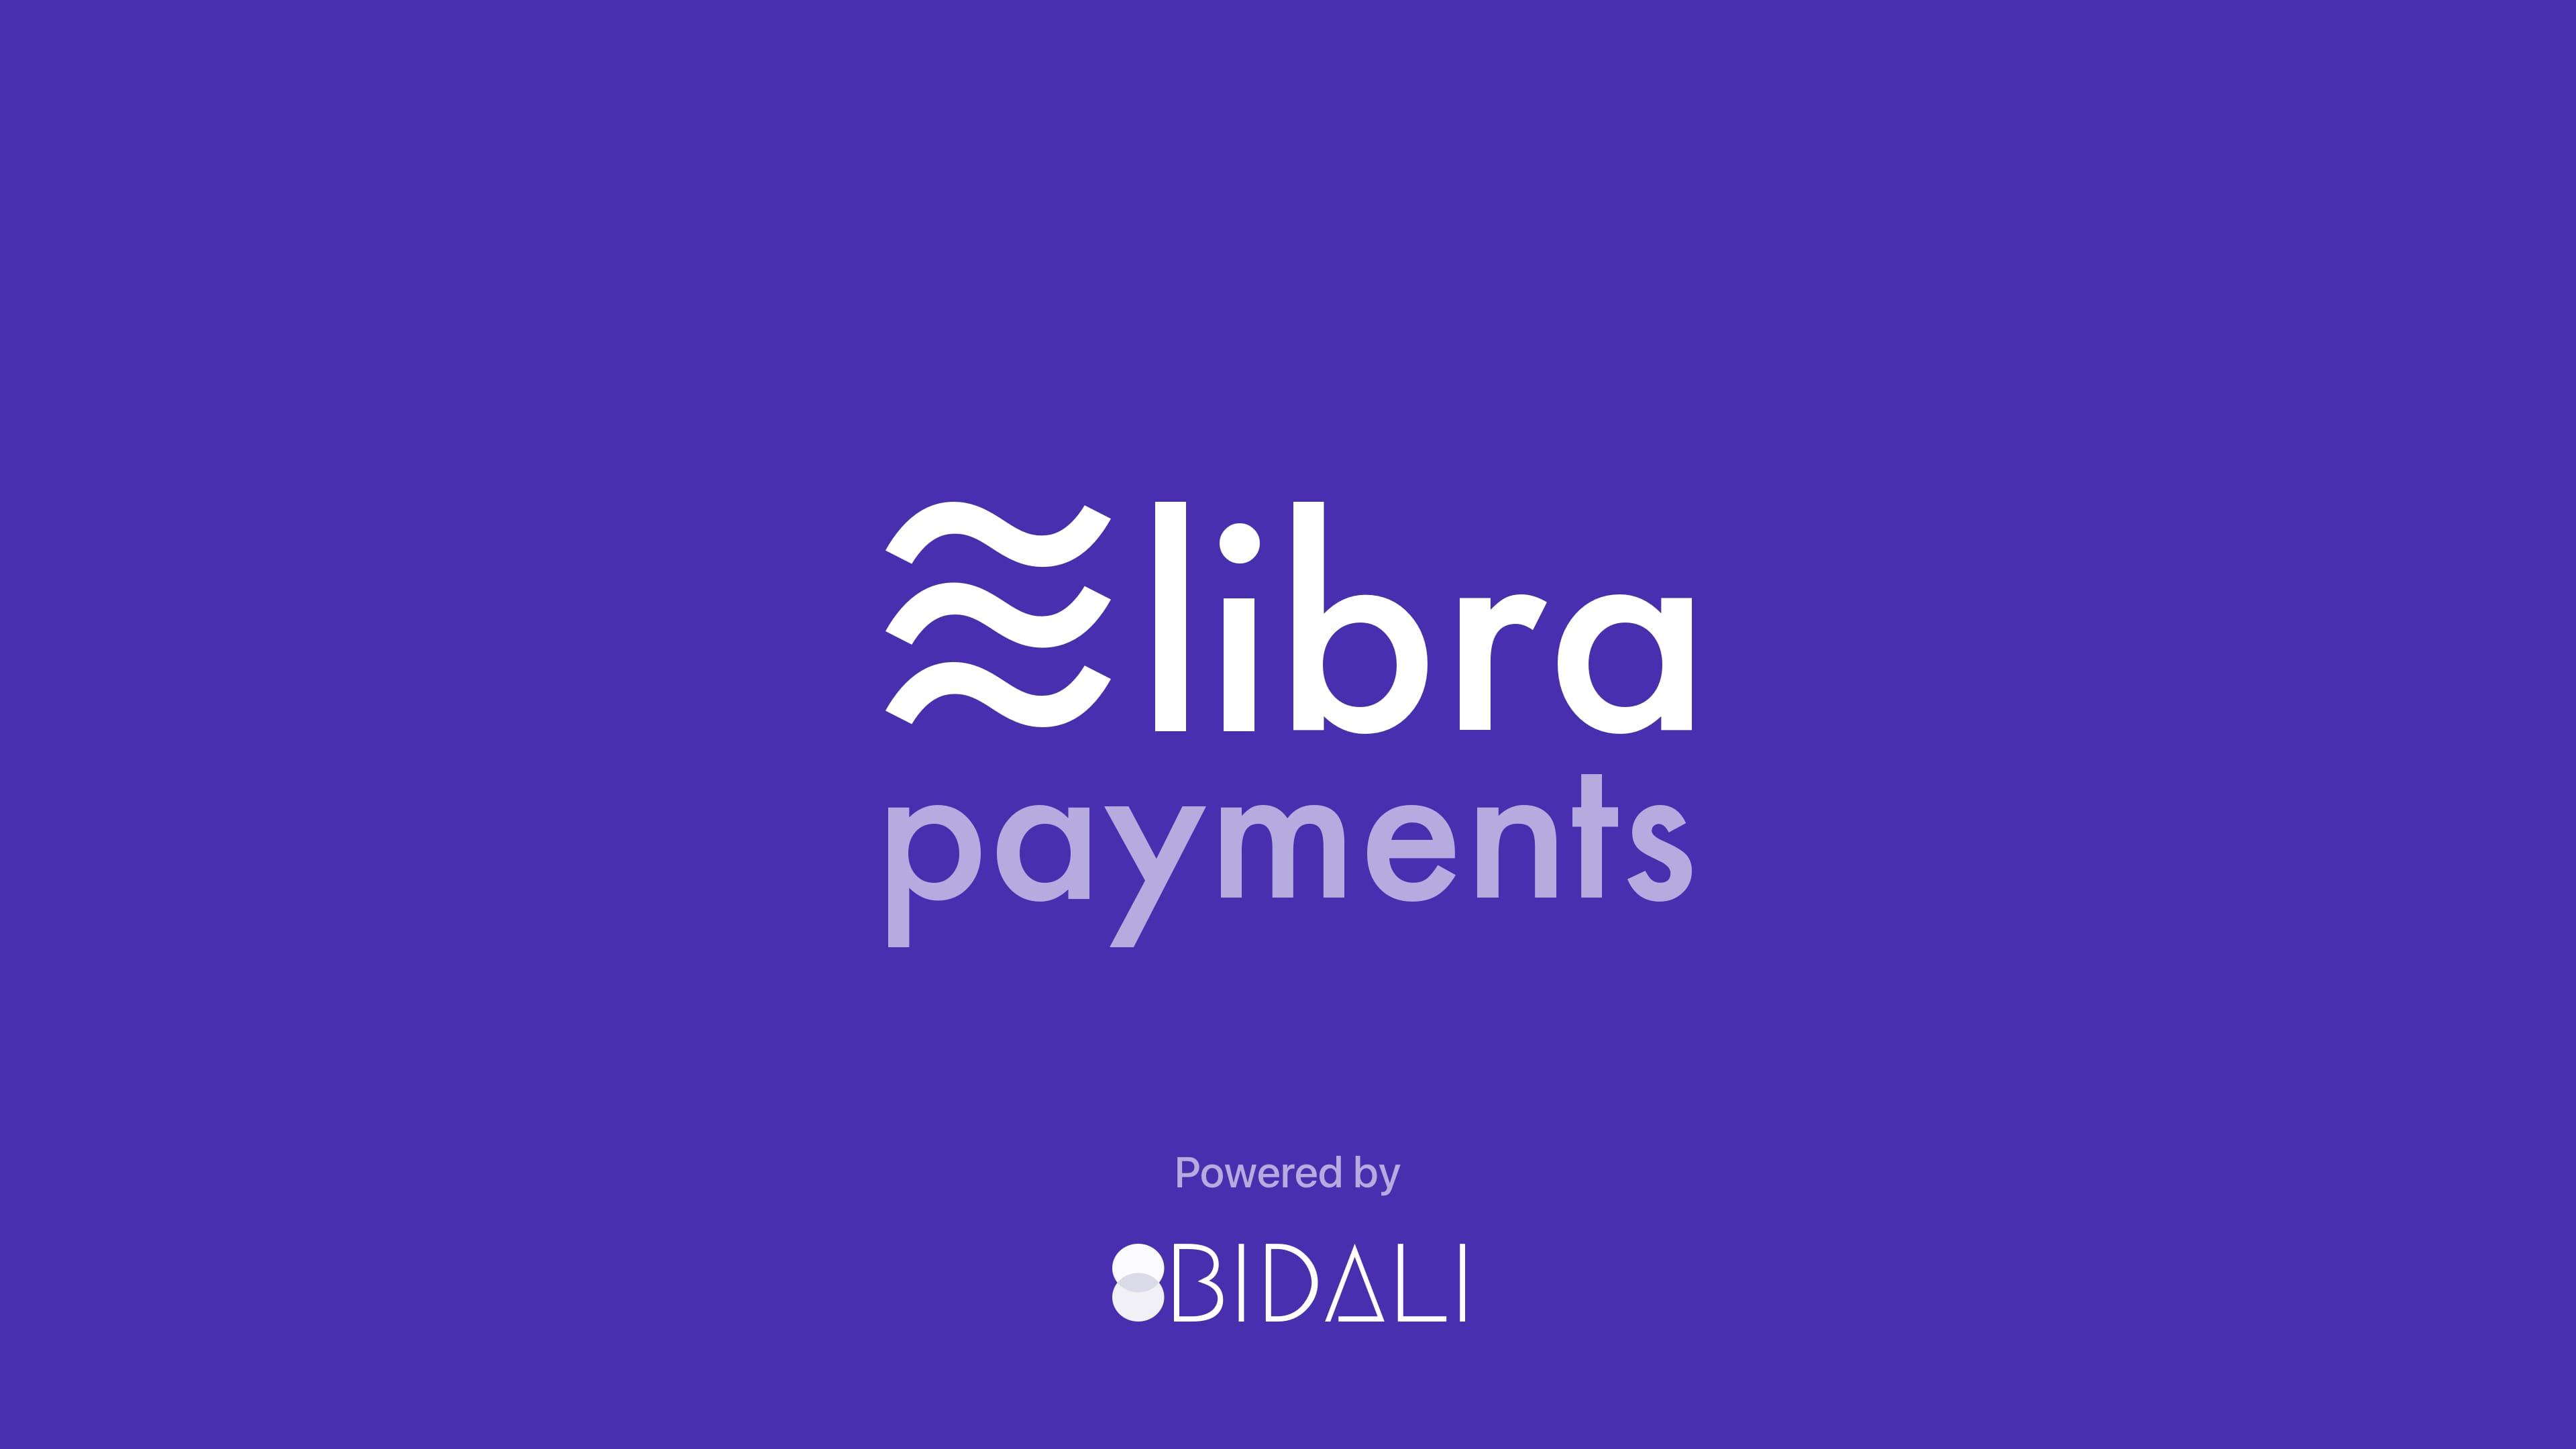 Bidali supports Libra